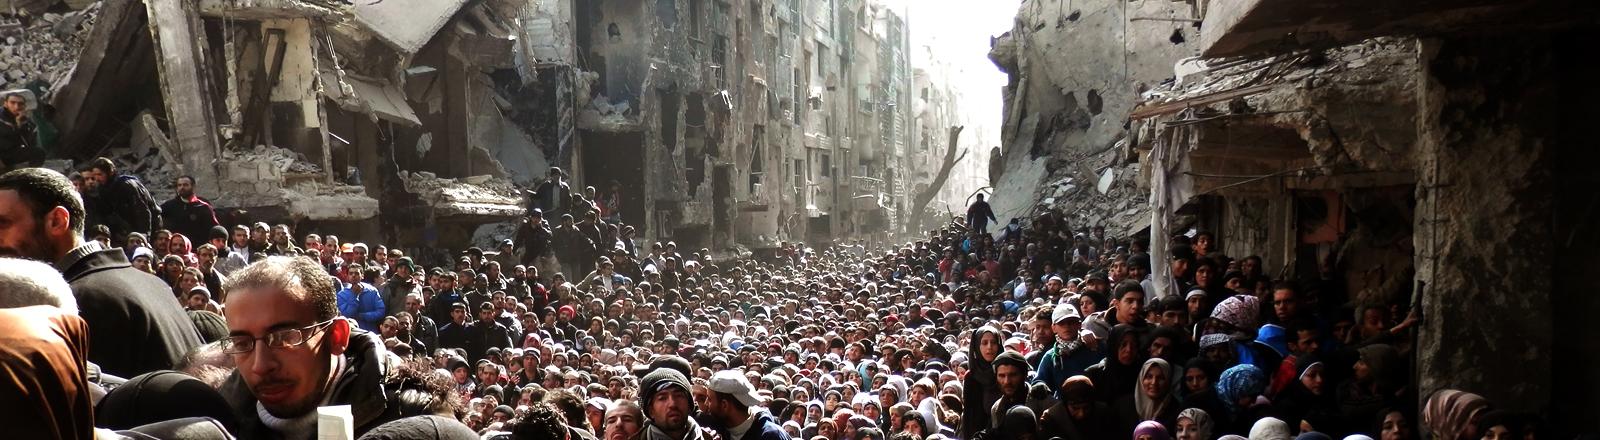 Zahllose Menschen stehen dicht gedrängt in einer Straße zwischen zerstörten Häusern.